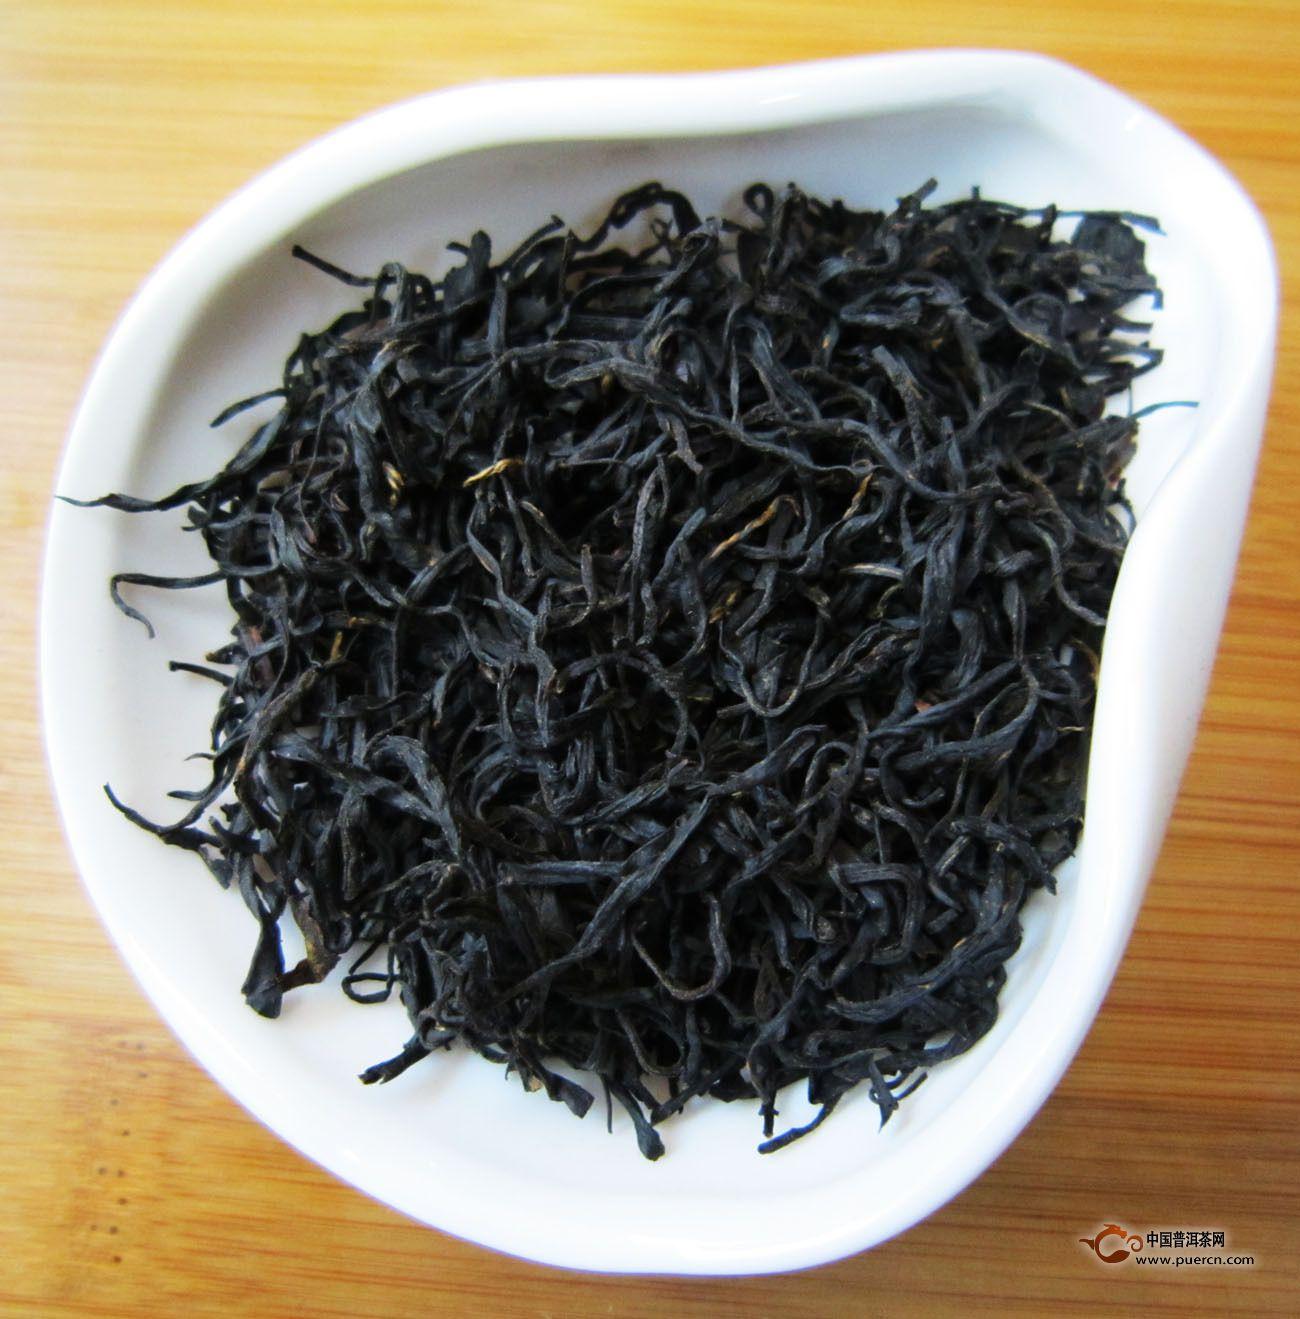 祁门工夫红茶的历史